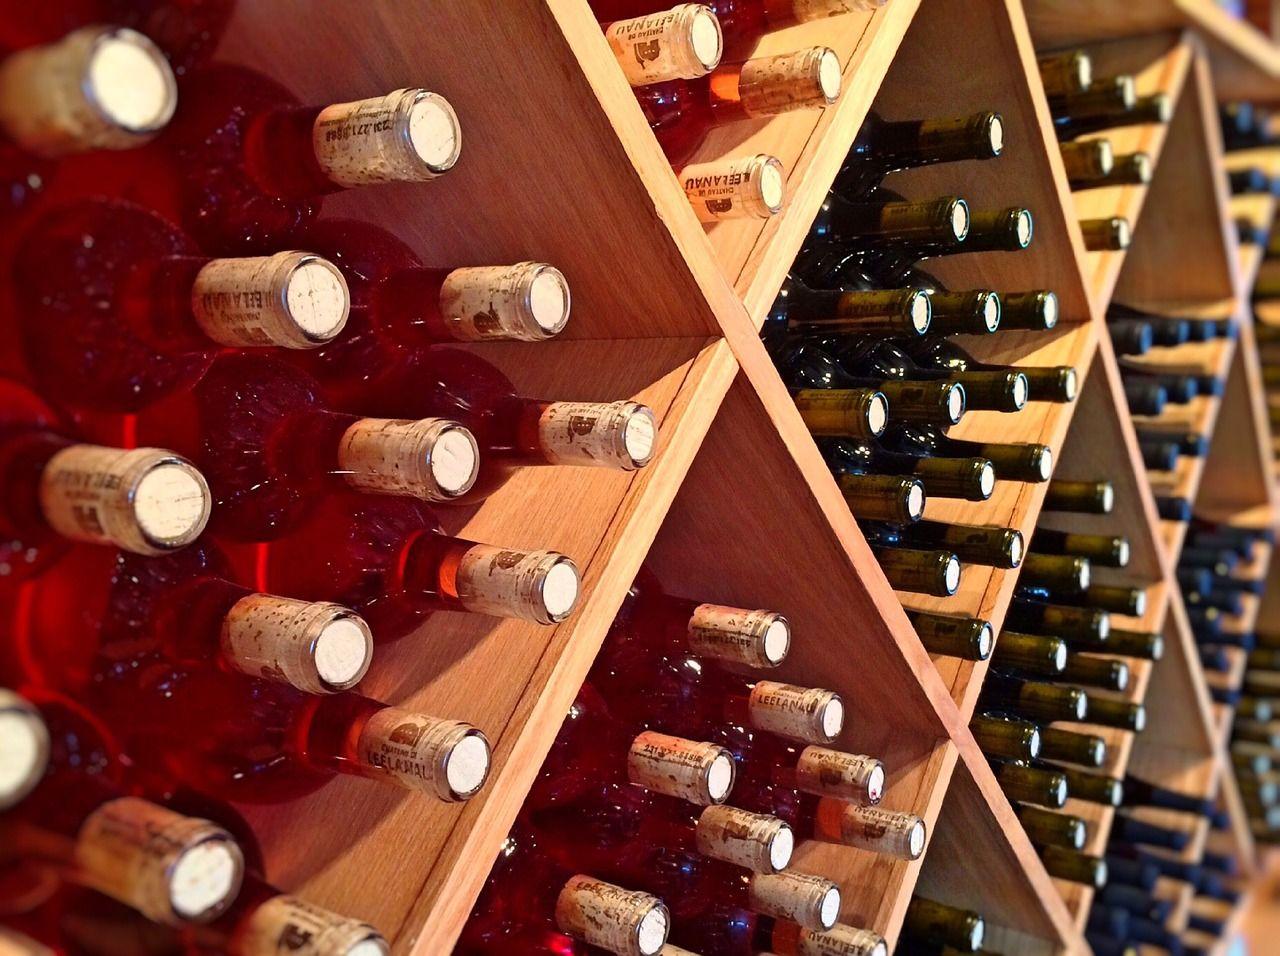 【ワイナリー】ワイン好きは必見!試飲や工場見学を楽しもう